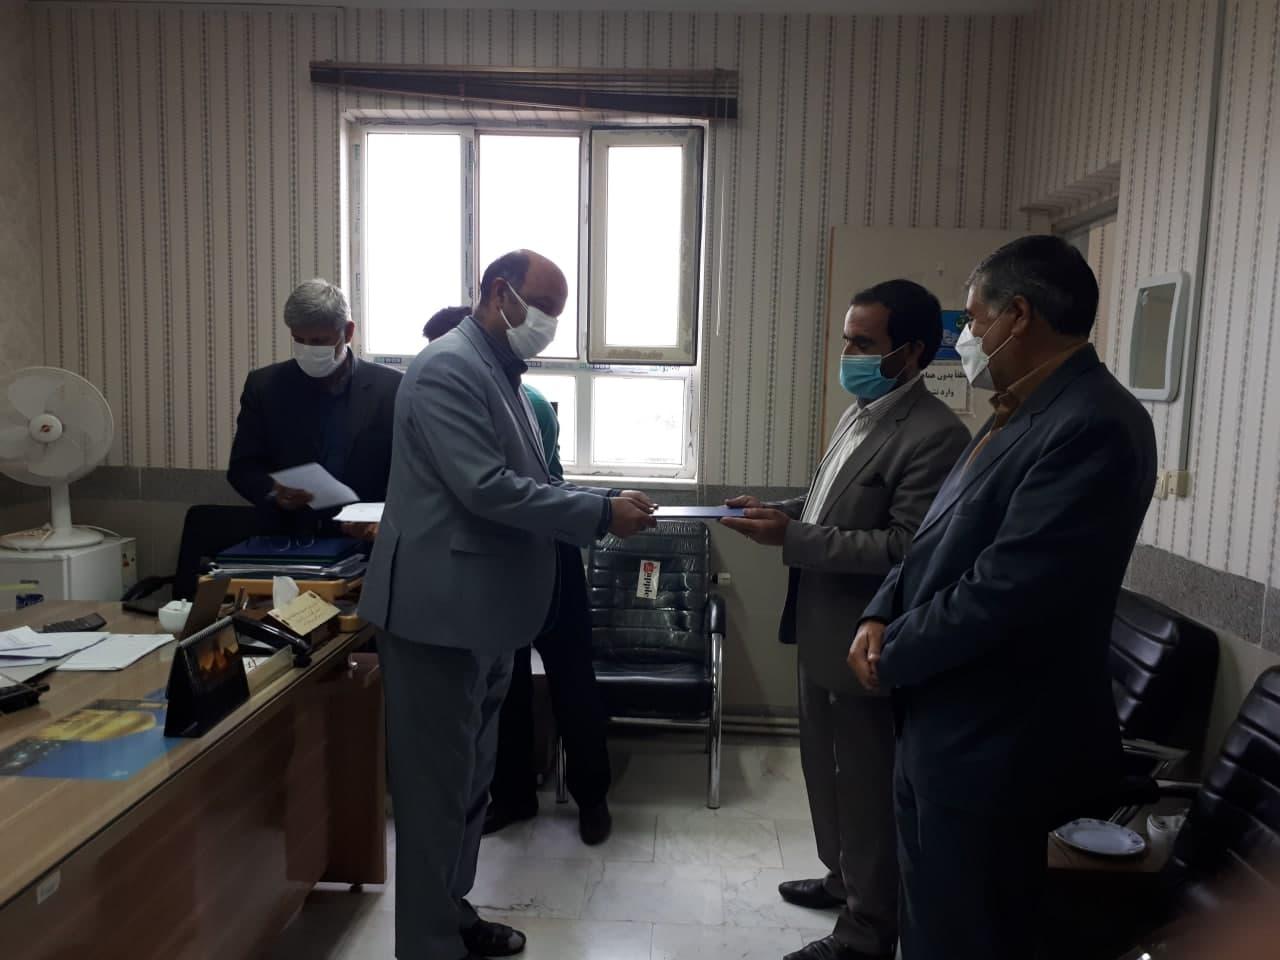 دیدار شهردار و رئیس شورای اسلامی شهر با ریاست آموزش و پرورش شهرستان مه ولات به مناسبت روز معلم